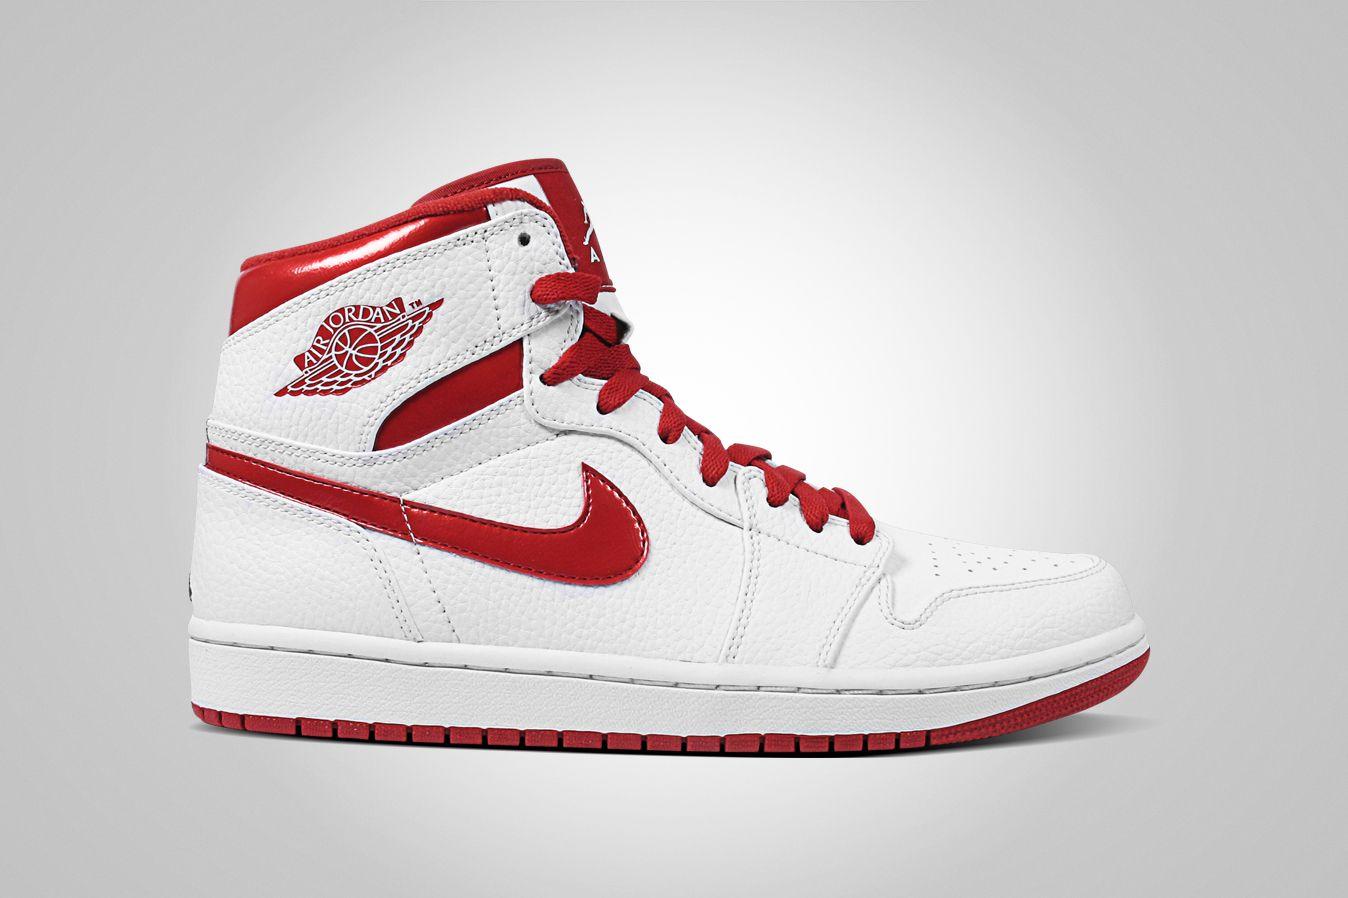 Air Jordan 1 | Air jordans, Popular sneakers, Red and white jordans